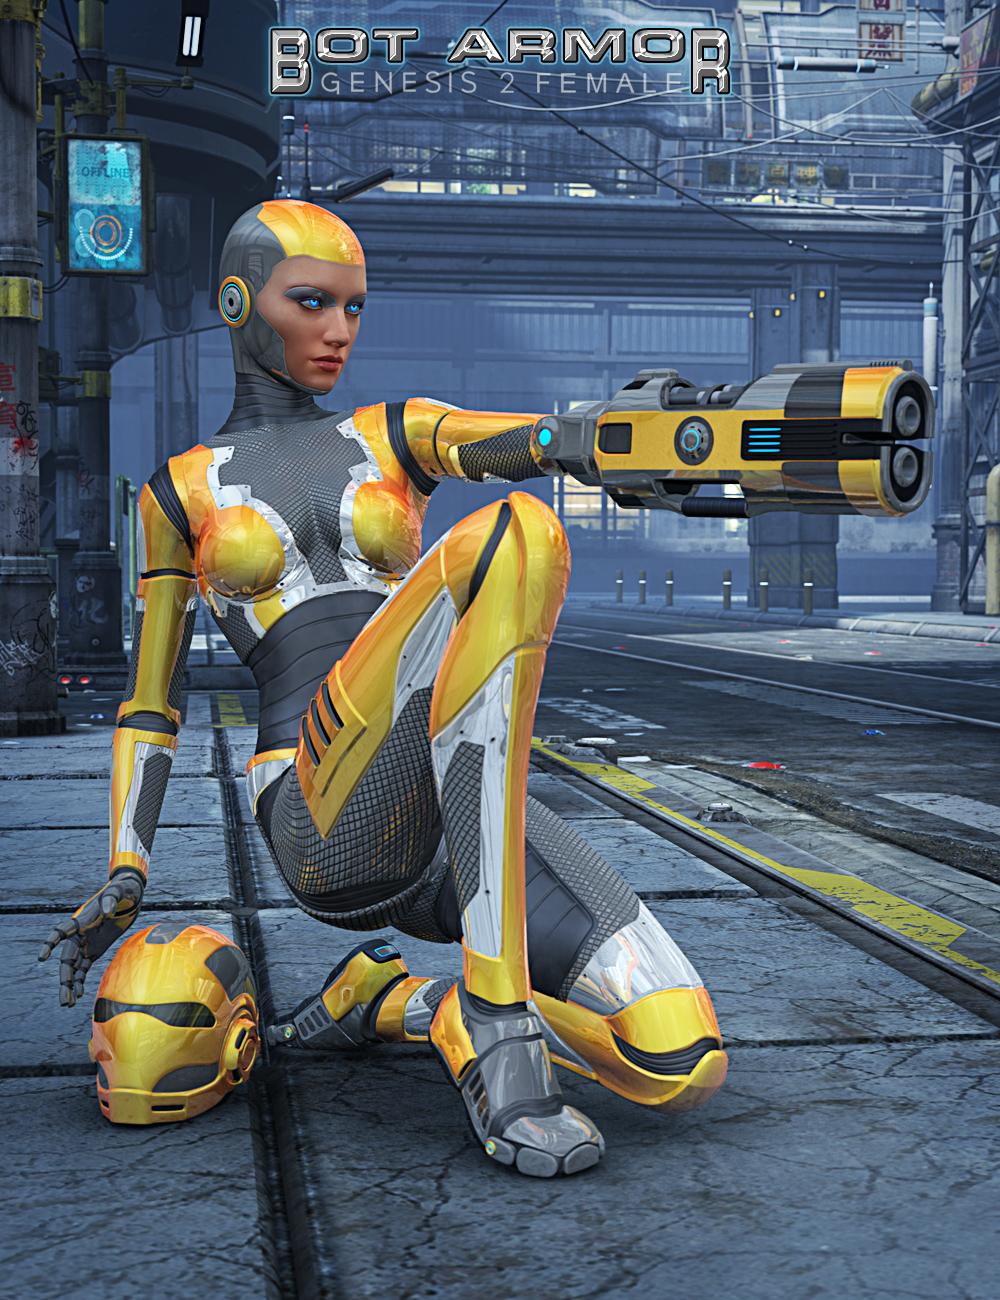 Genesis 2 Female Bot Armor Bundle by: Parris, 3D Models by Daz 3D